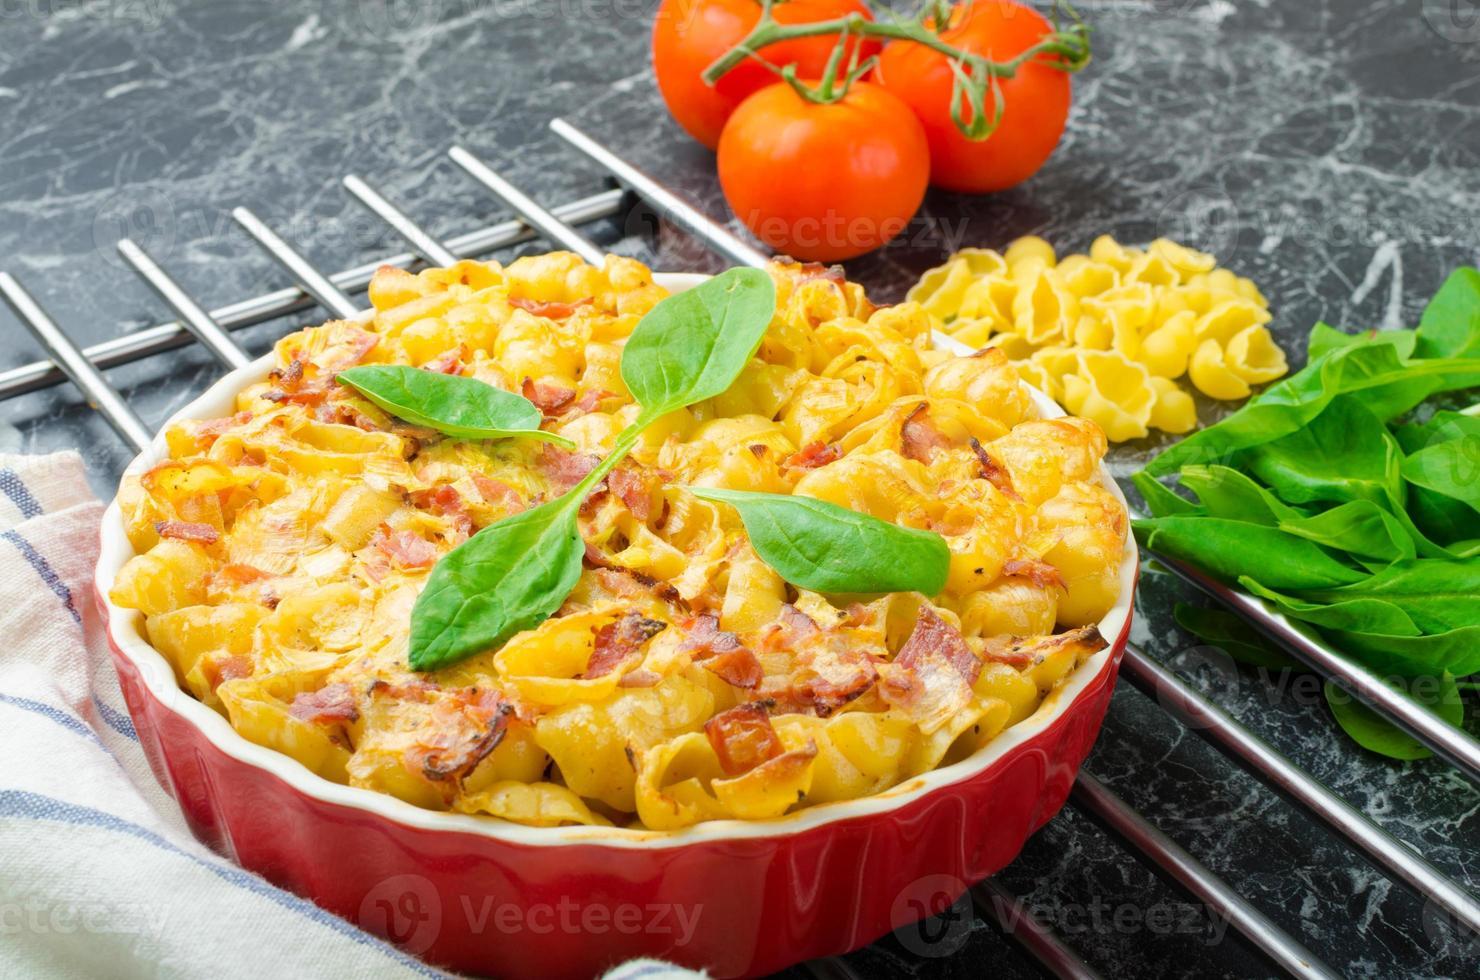 gebakken huisgemaakte pasta met prei, spek en room foto